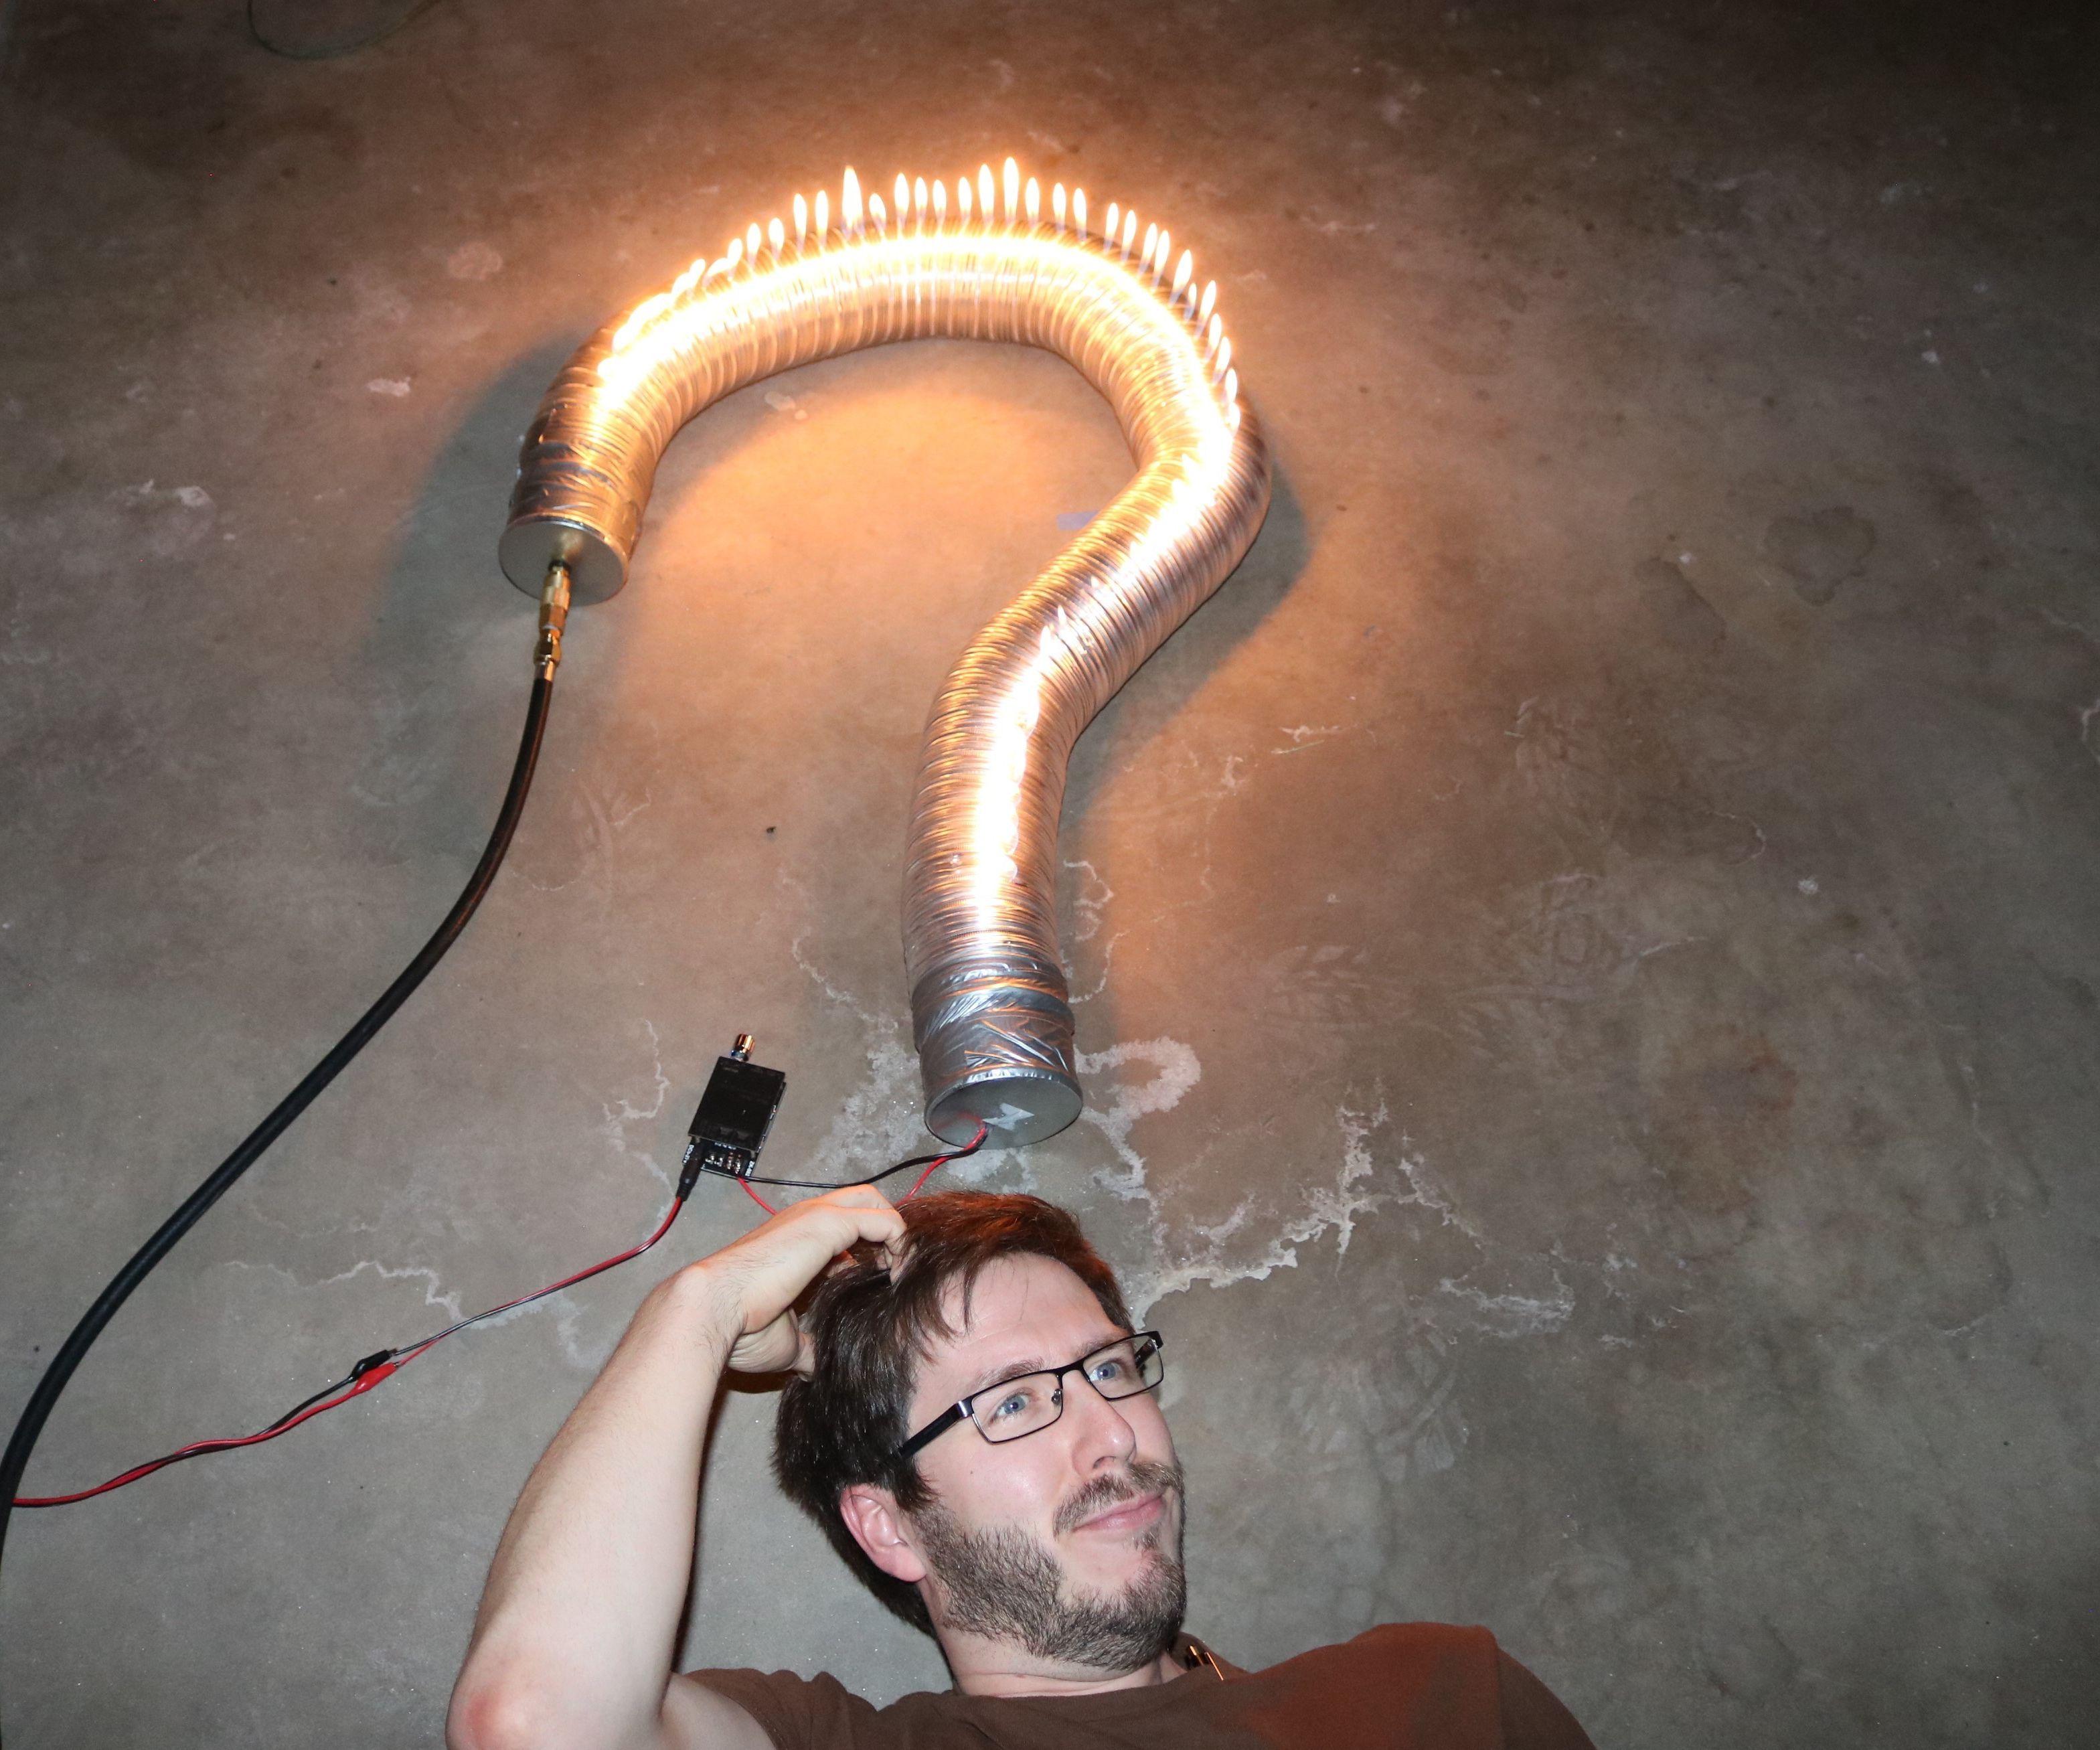 Rubens Tube: Flexible & Variable Length!